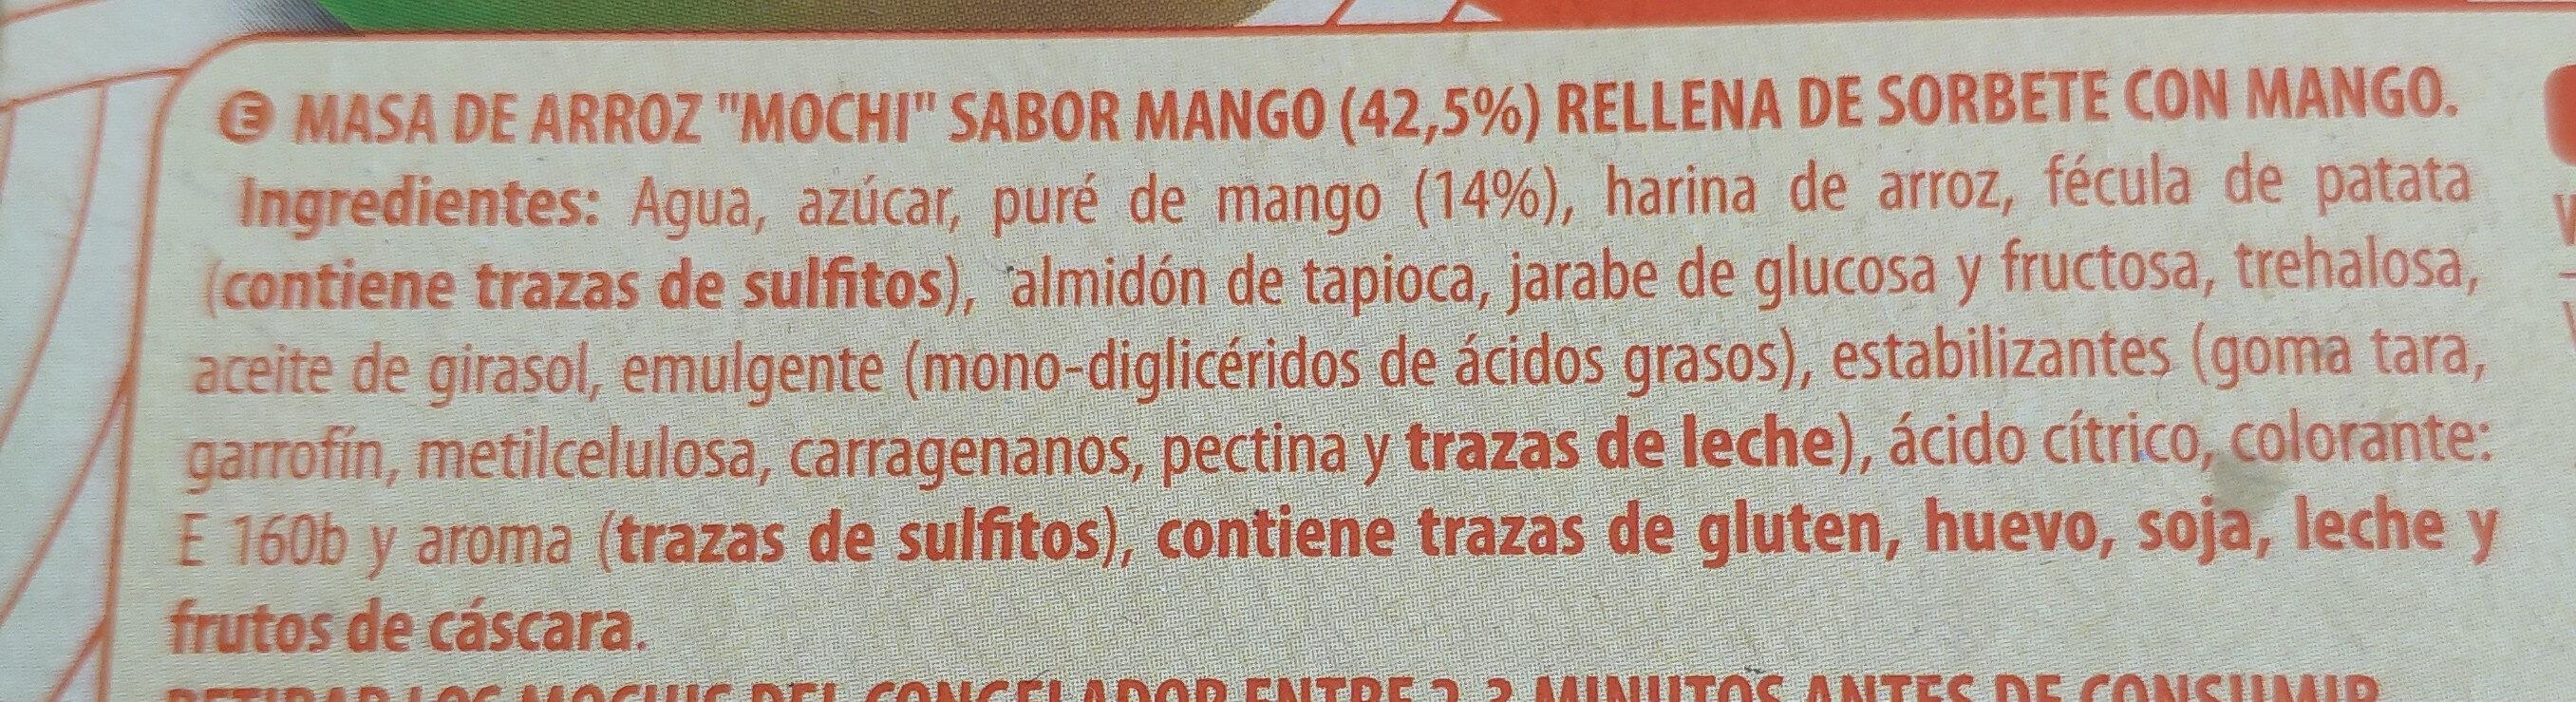 Mochi helado con mango - Ingredients - es